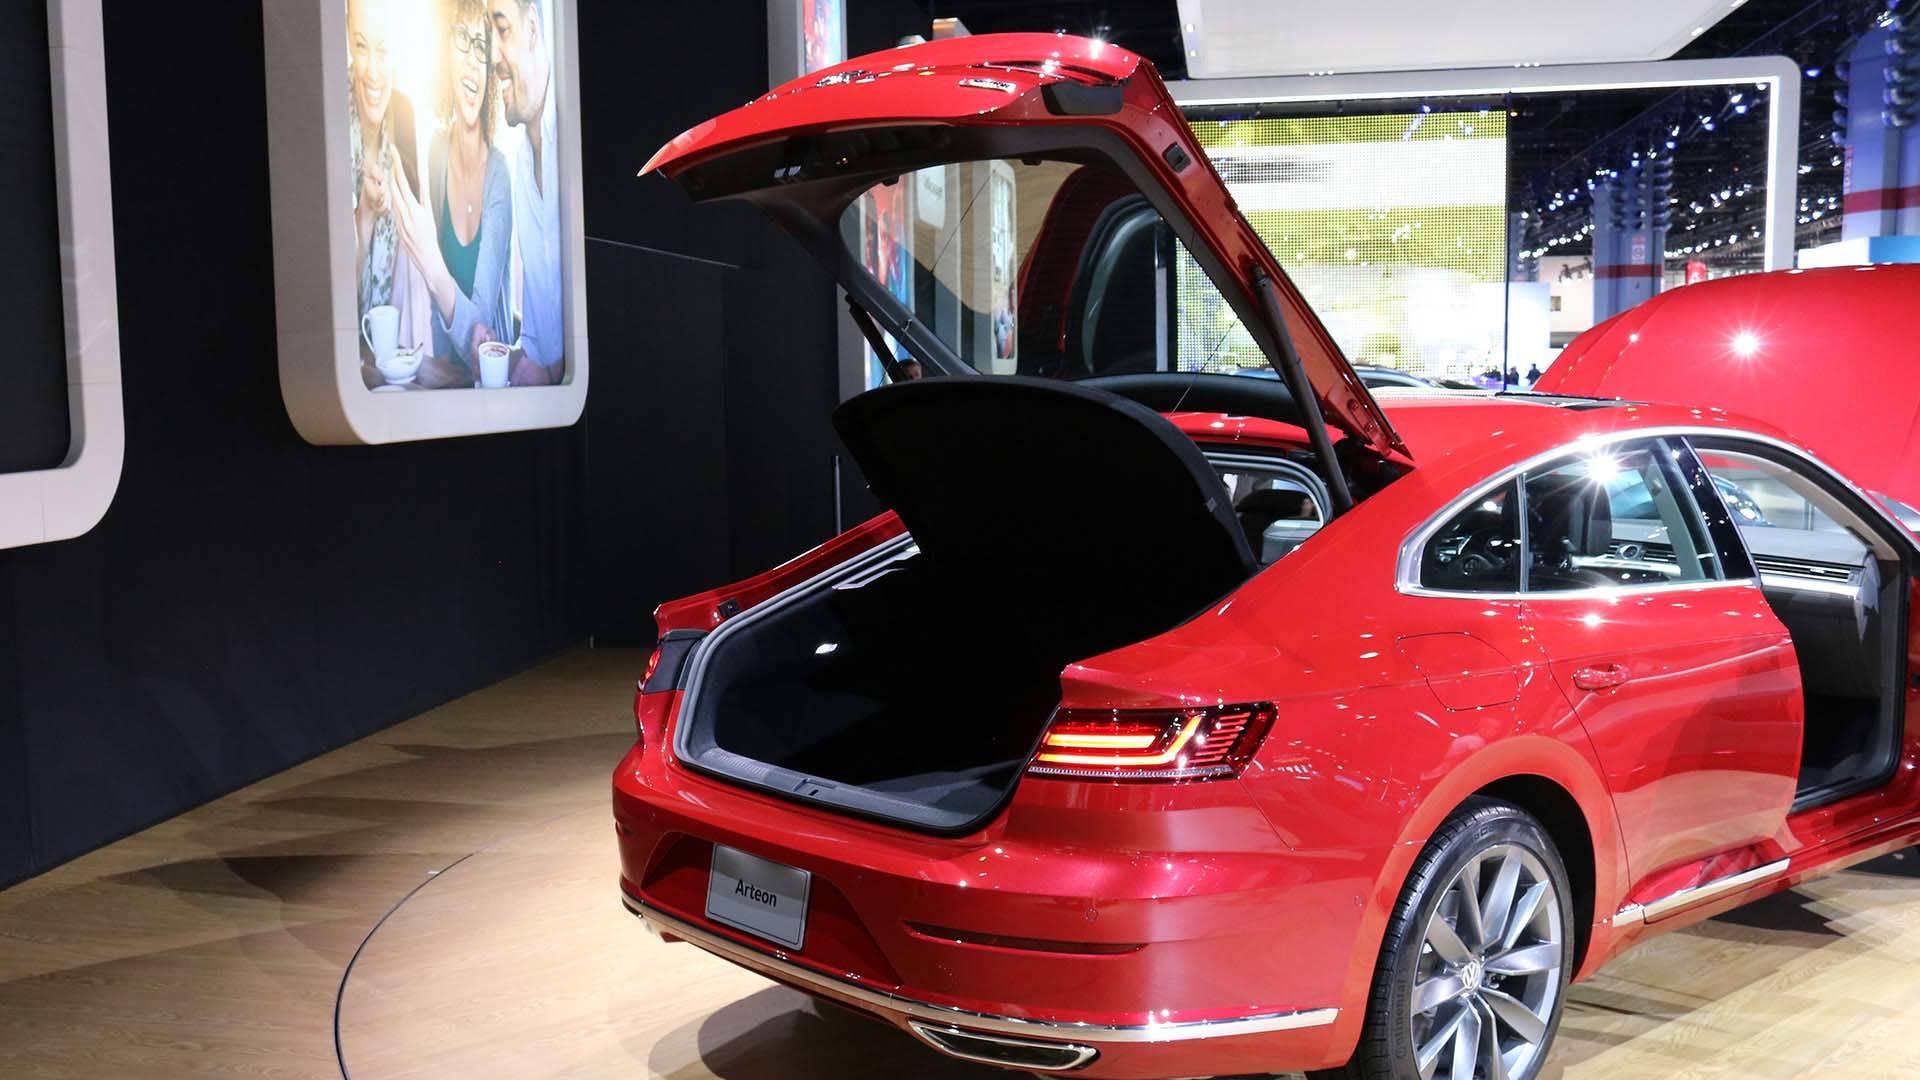 VW Arteon Usa >> 2019 Volkswagen Arteon Arrival Delayed In The U S